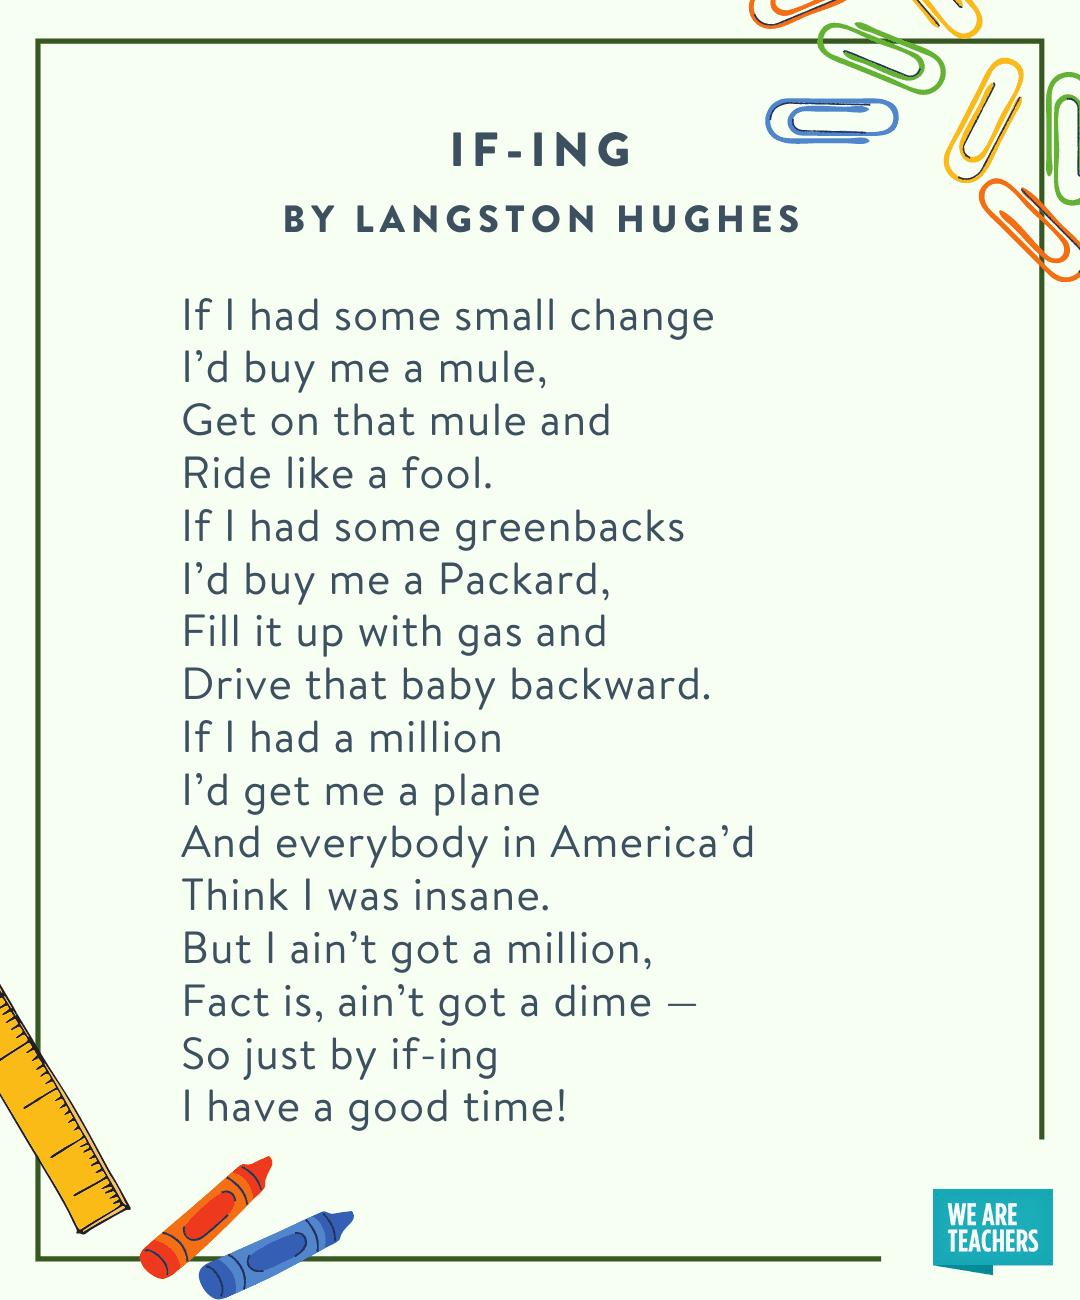 If-Ing by Langston Hughes